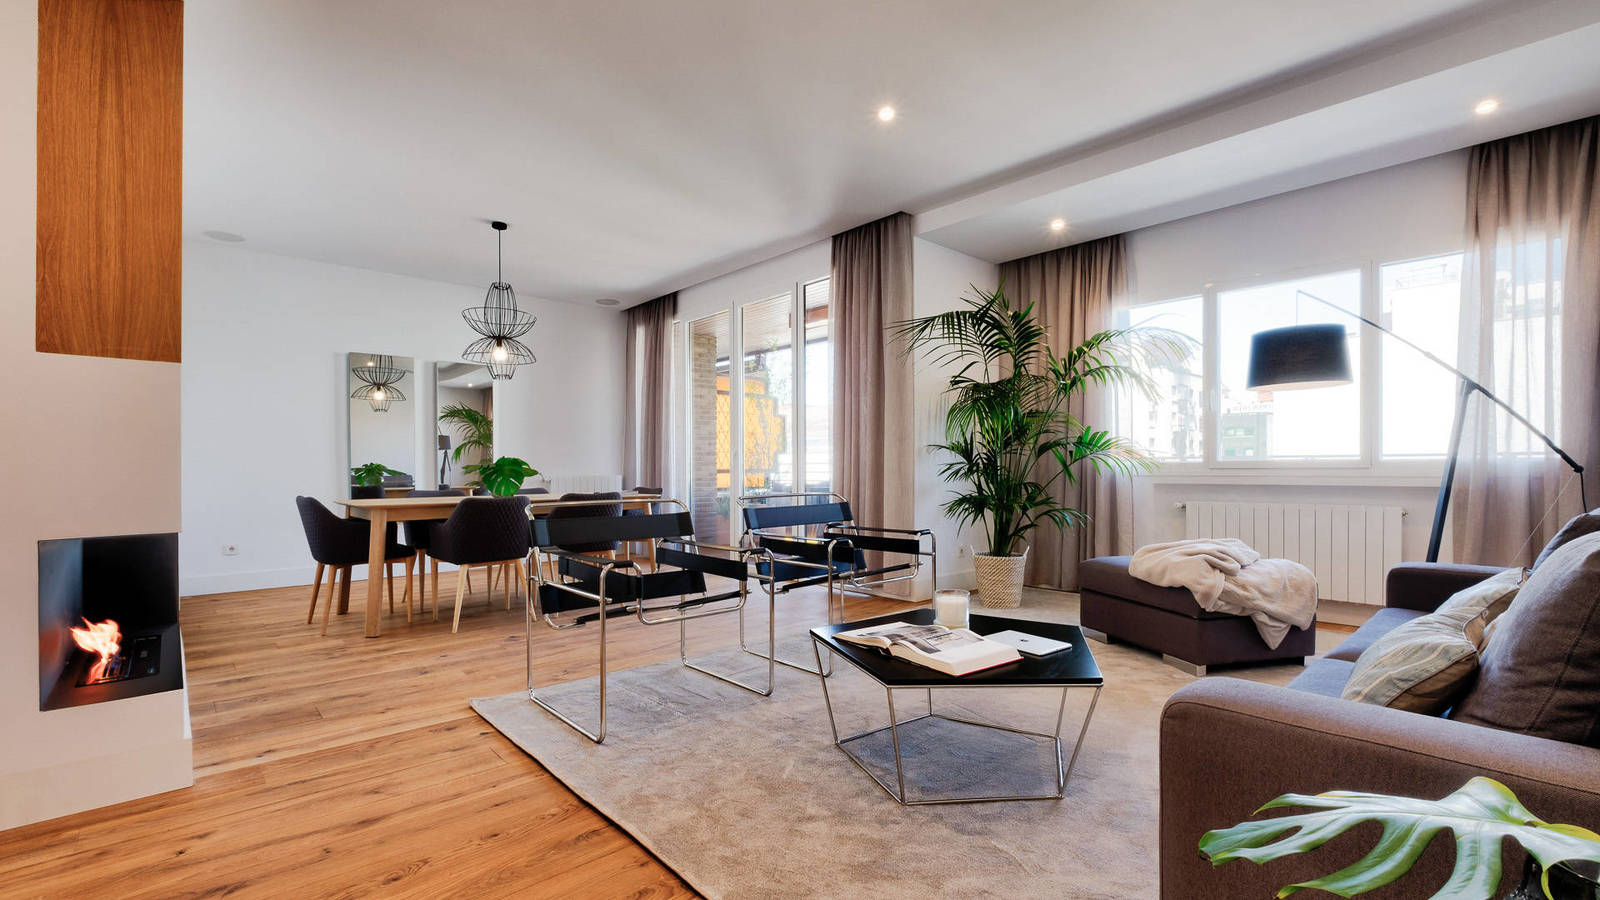 Venta de pisos de lujo en Madrid con Optimacasa Premium